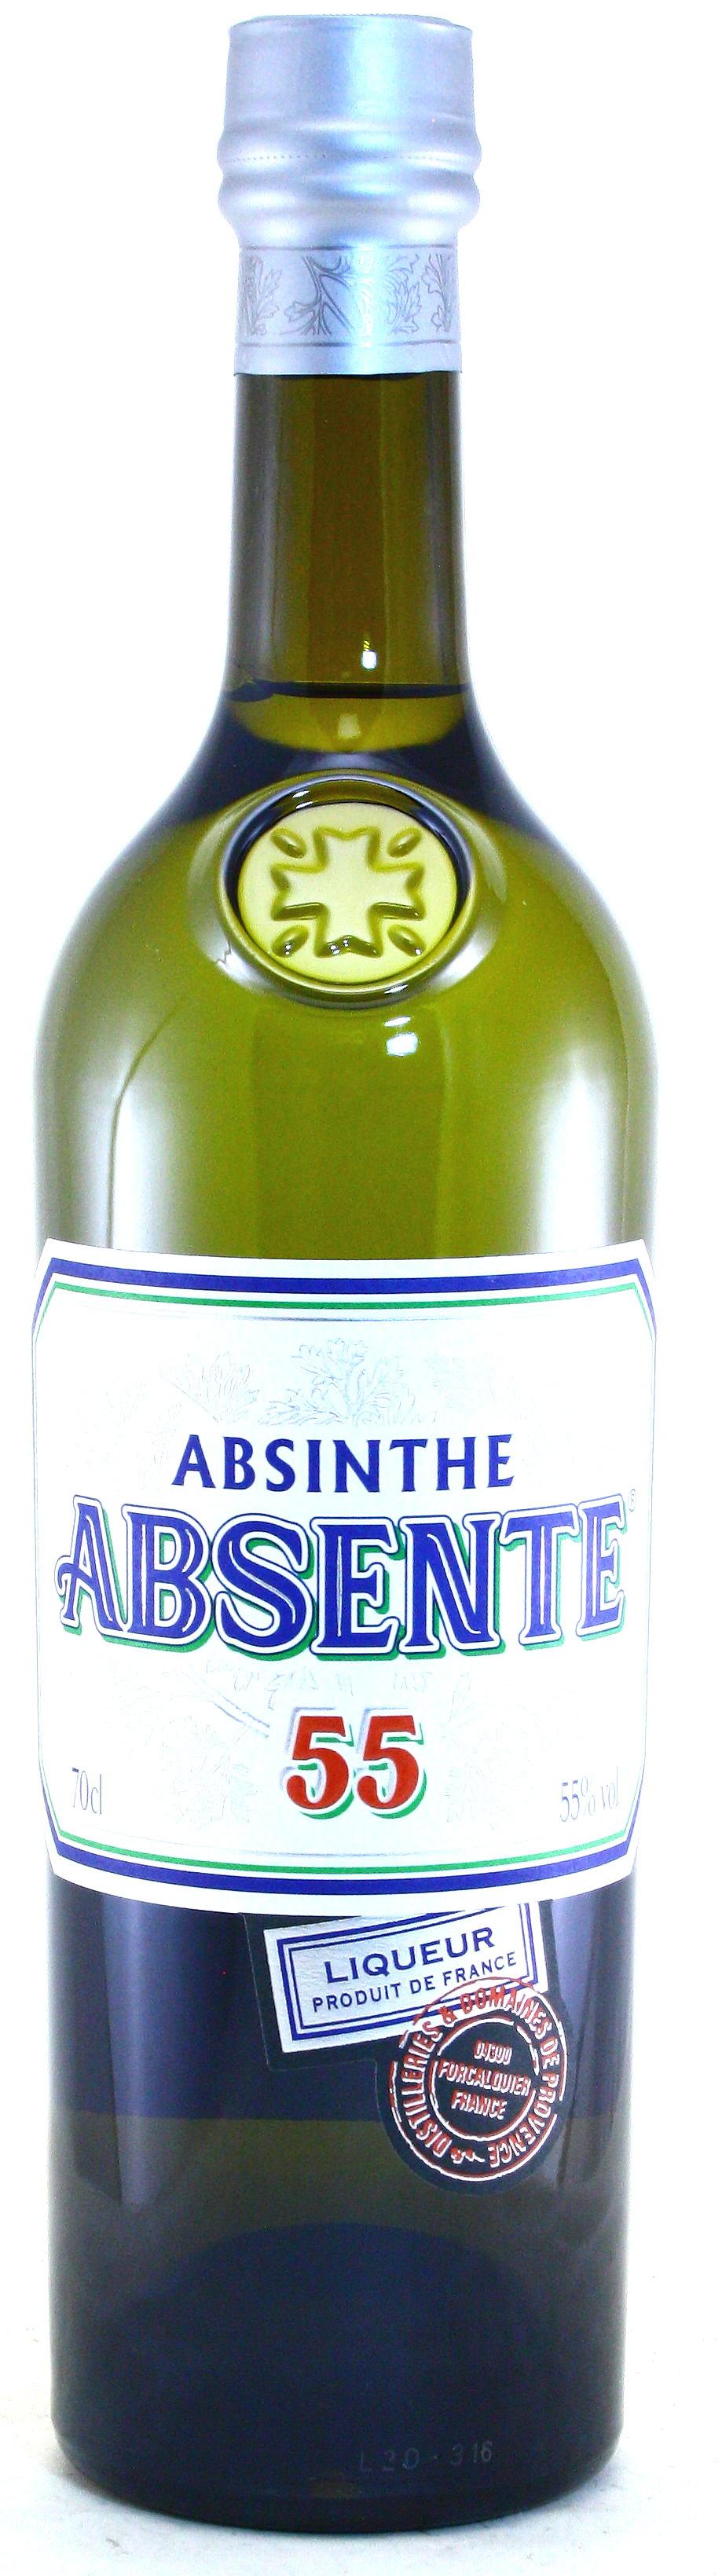 Absente 55, Absinthe, Absinth aus der Provence Henry Bardouin, Frankreich